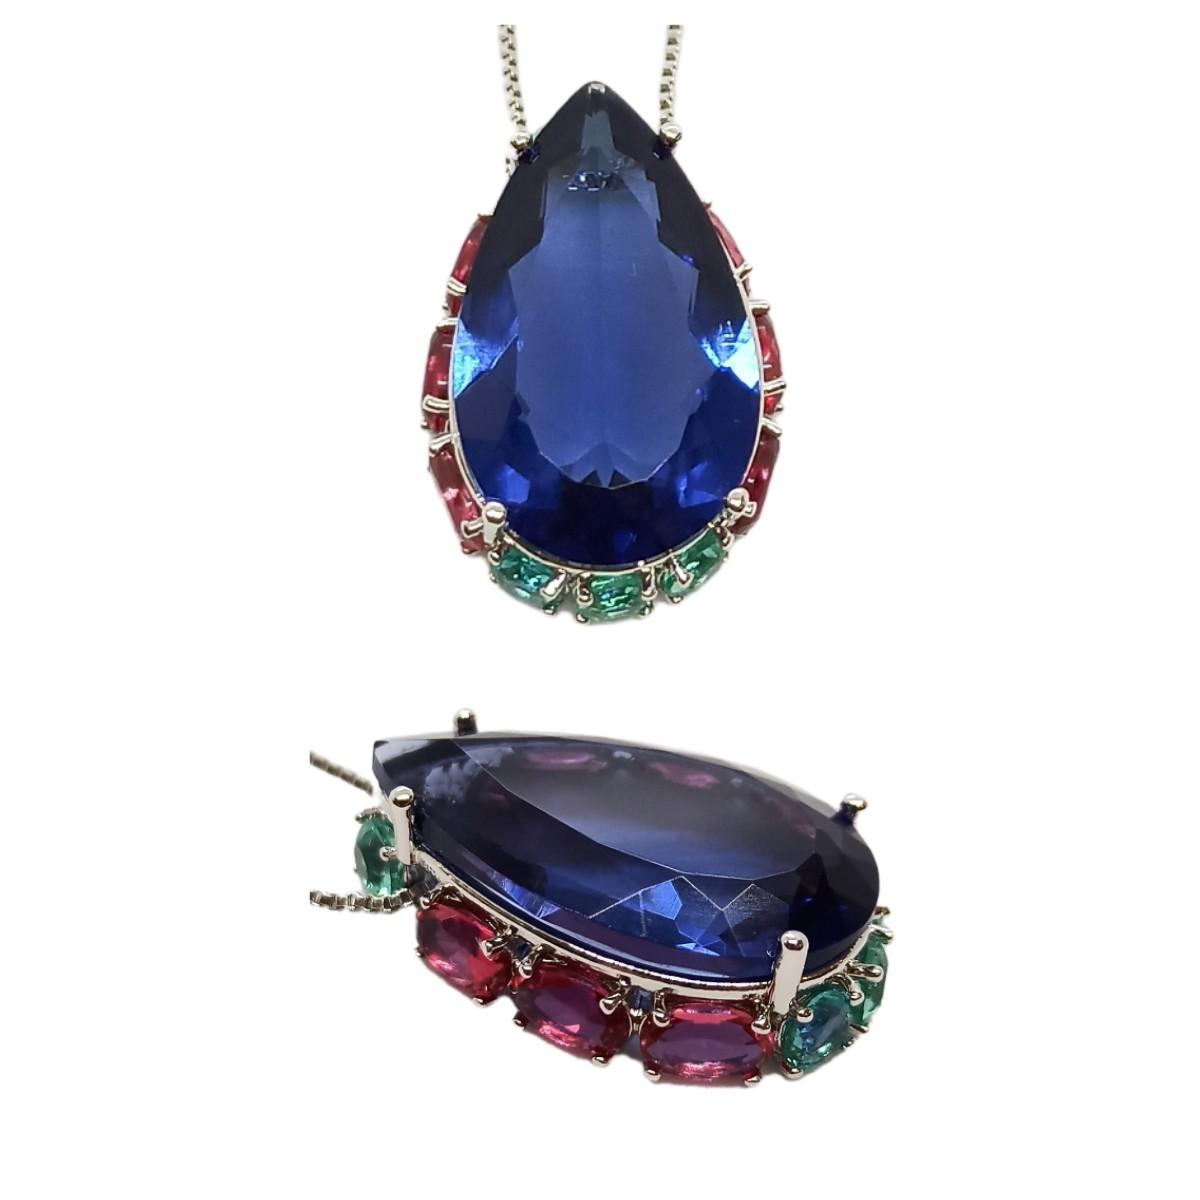 Colar Gota Grande Cristal 18 x 25, Cravação Lateral, Ródio Branco.